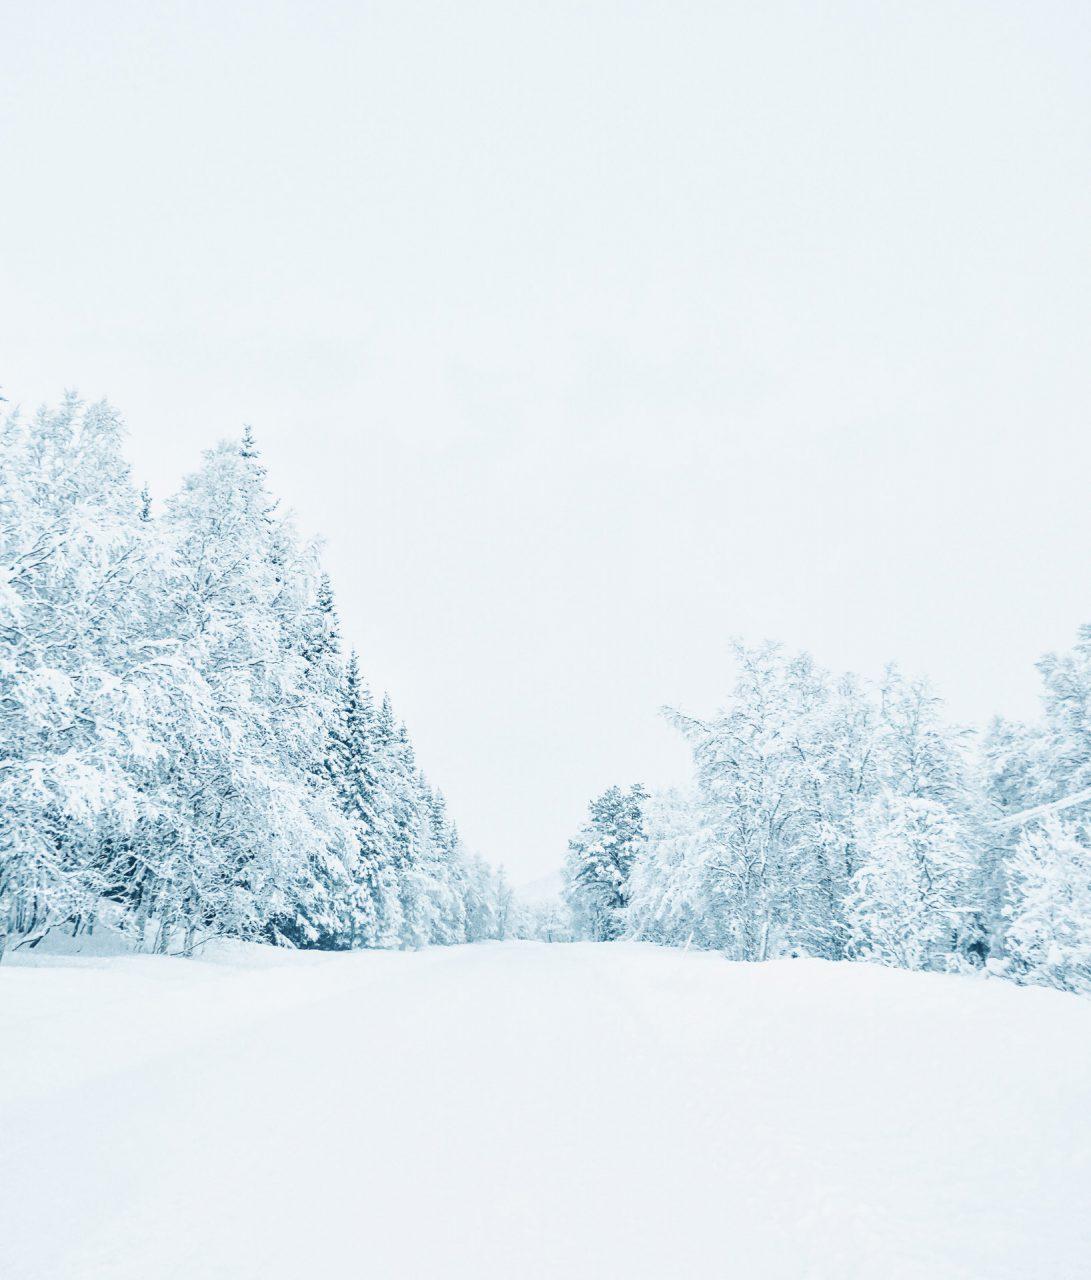 Eintauchen in endlose Schneelandschaft